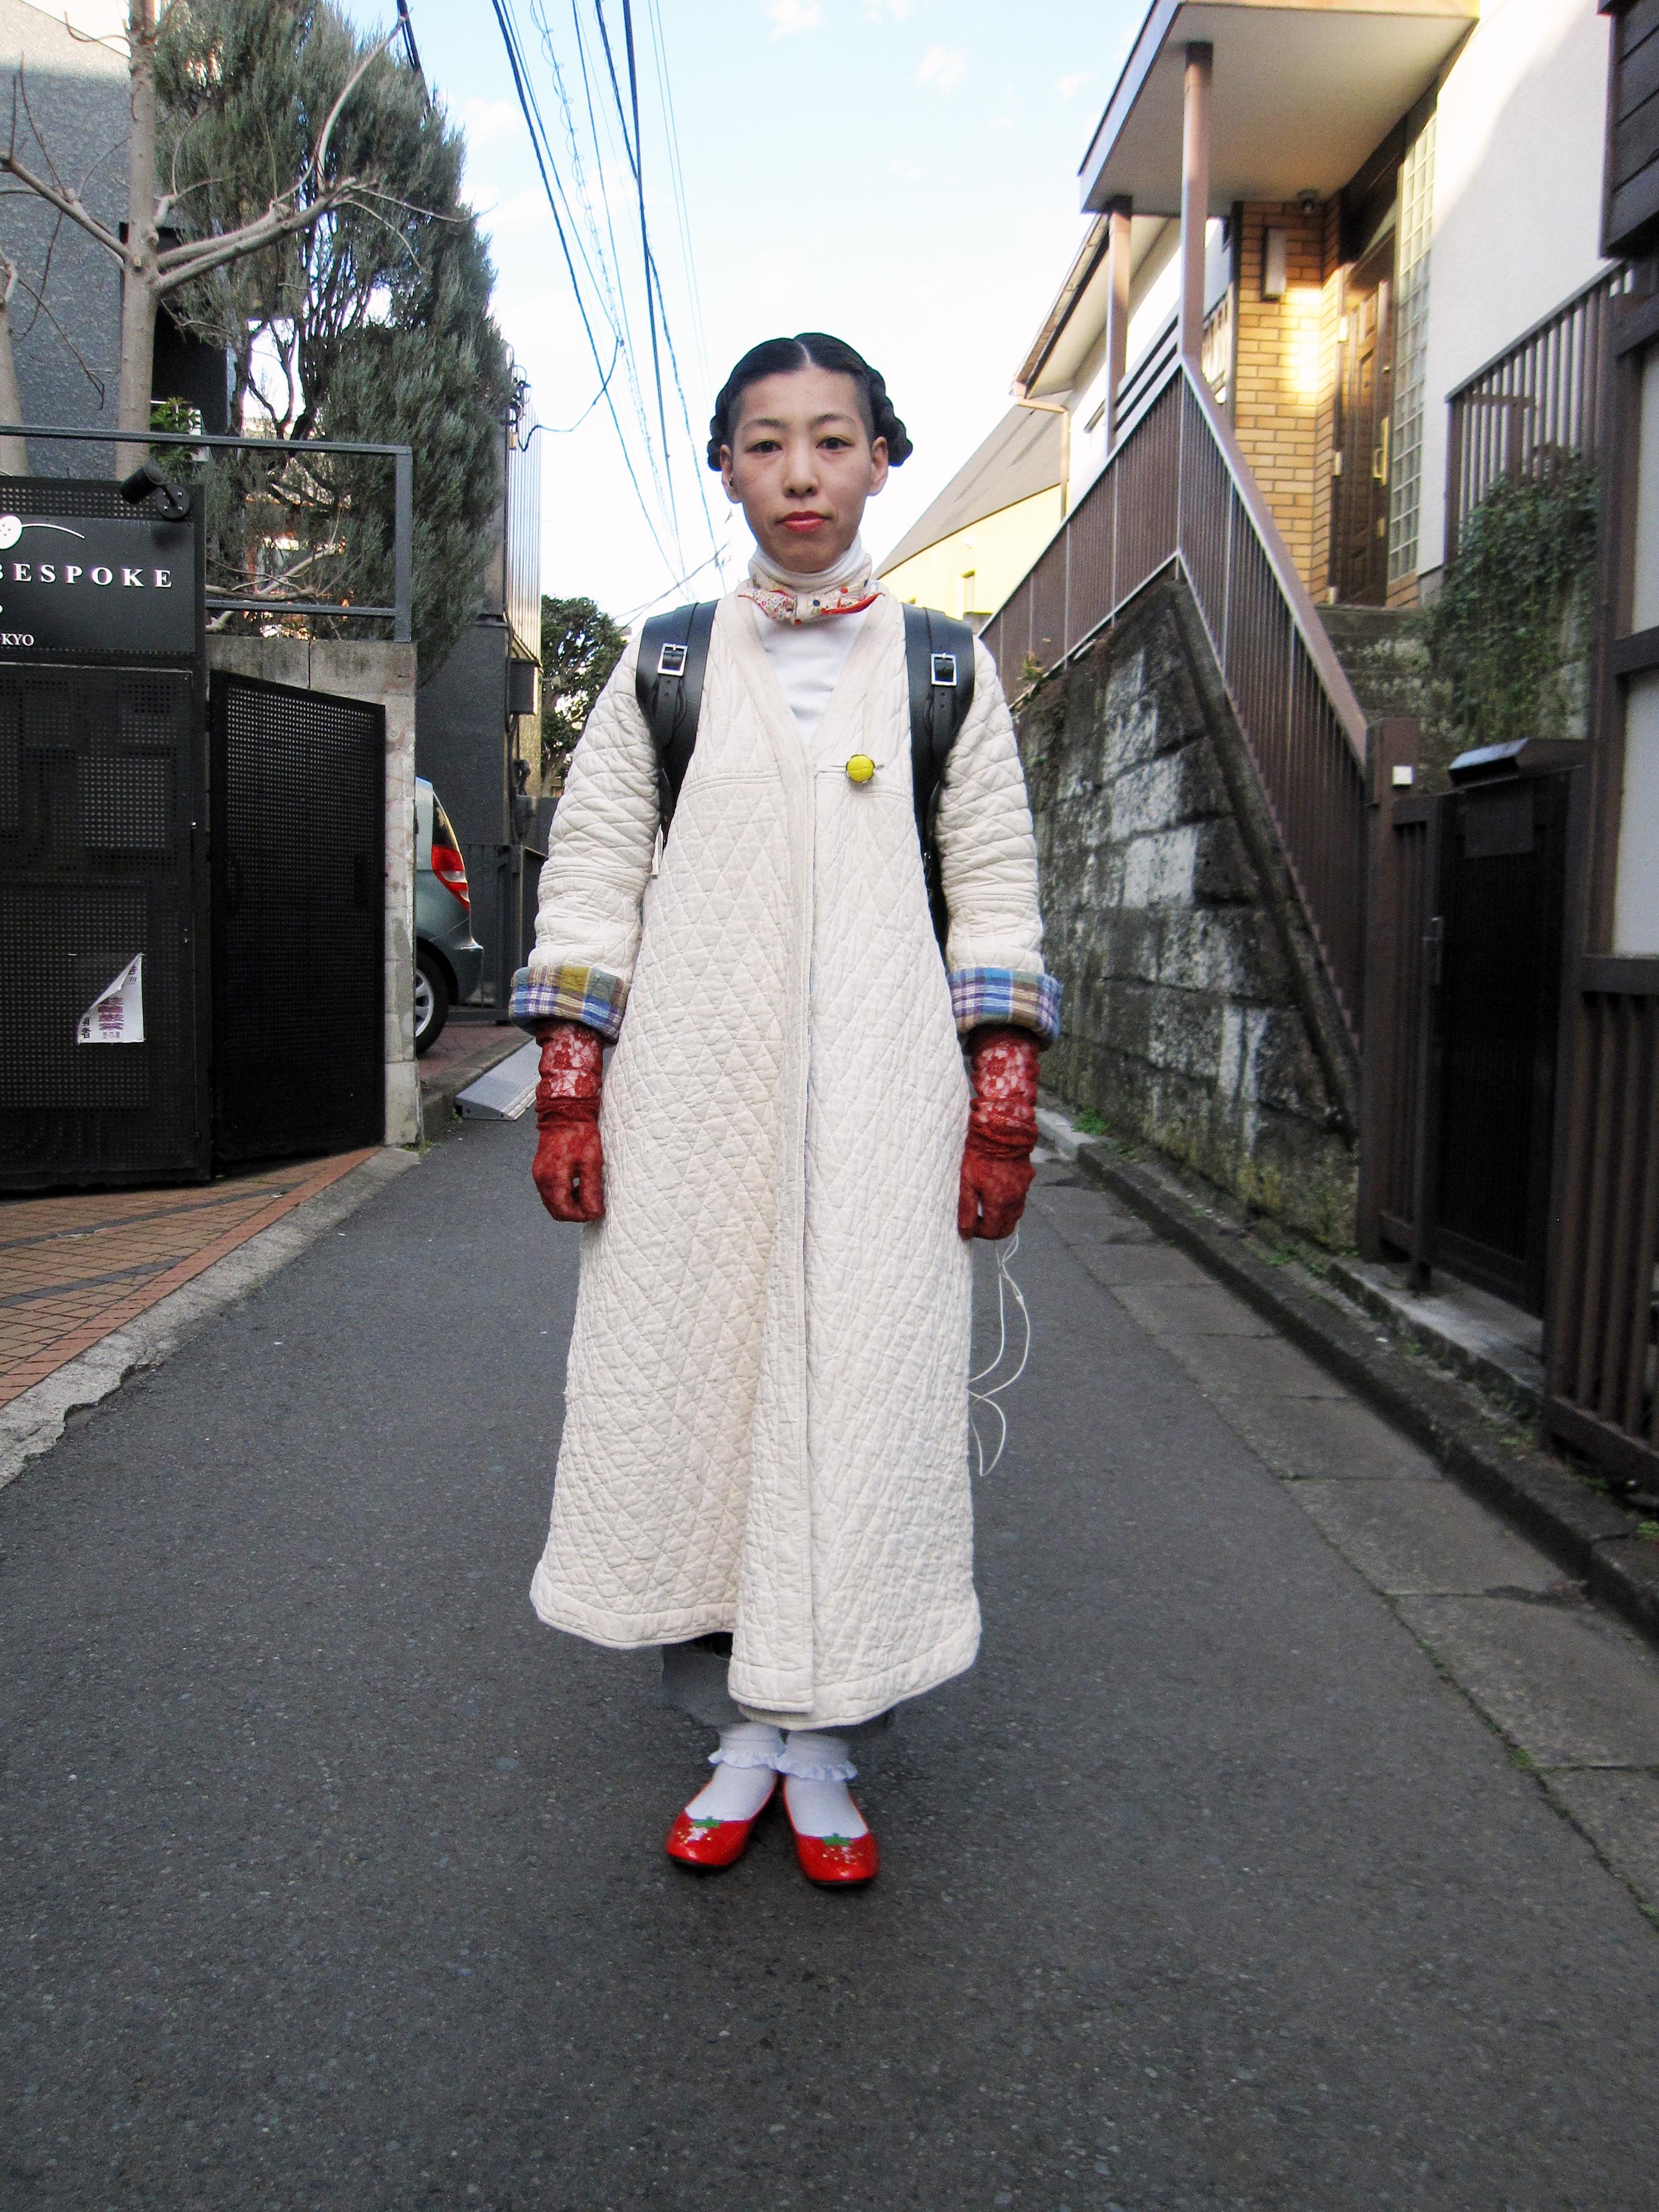 【第3回】表参道ストリートスナップ!<br/>表参道で働く美容師さんの個性派コーデ!